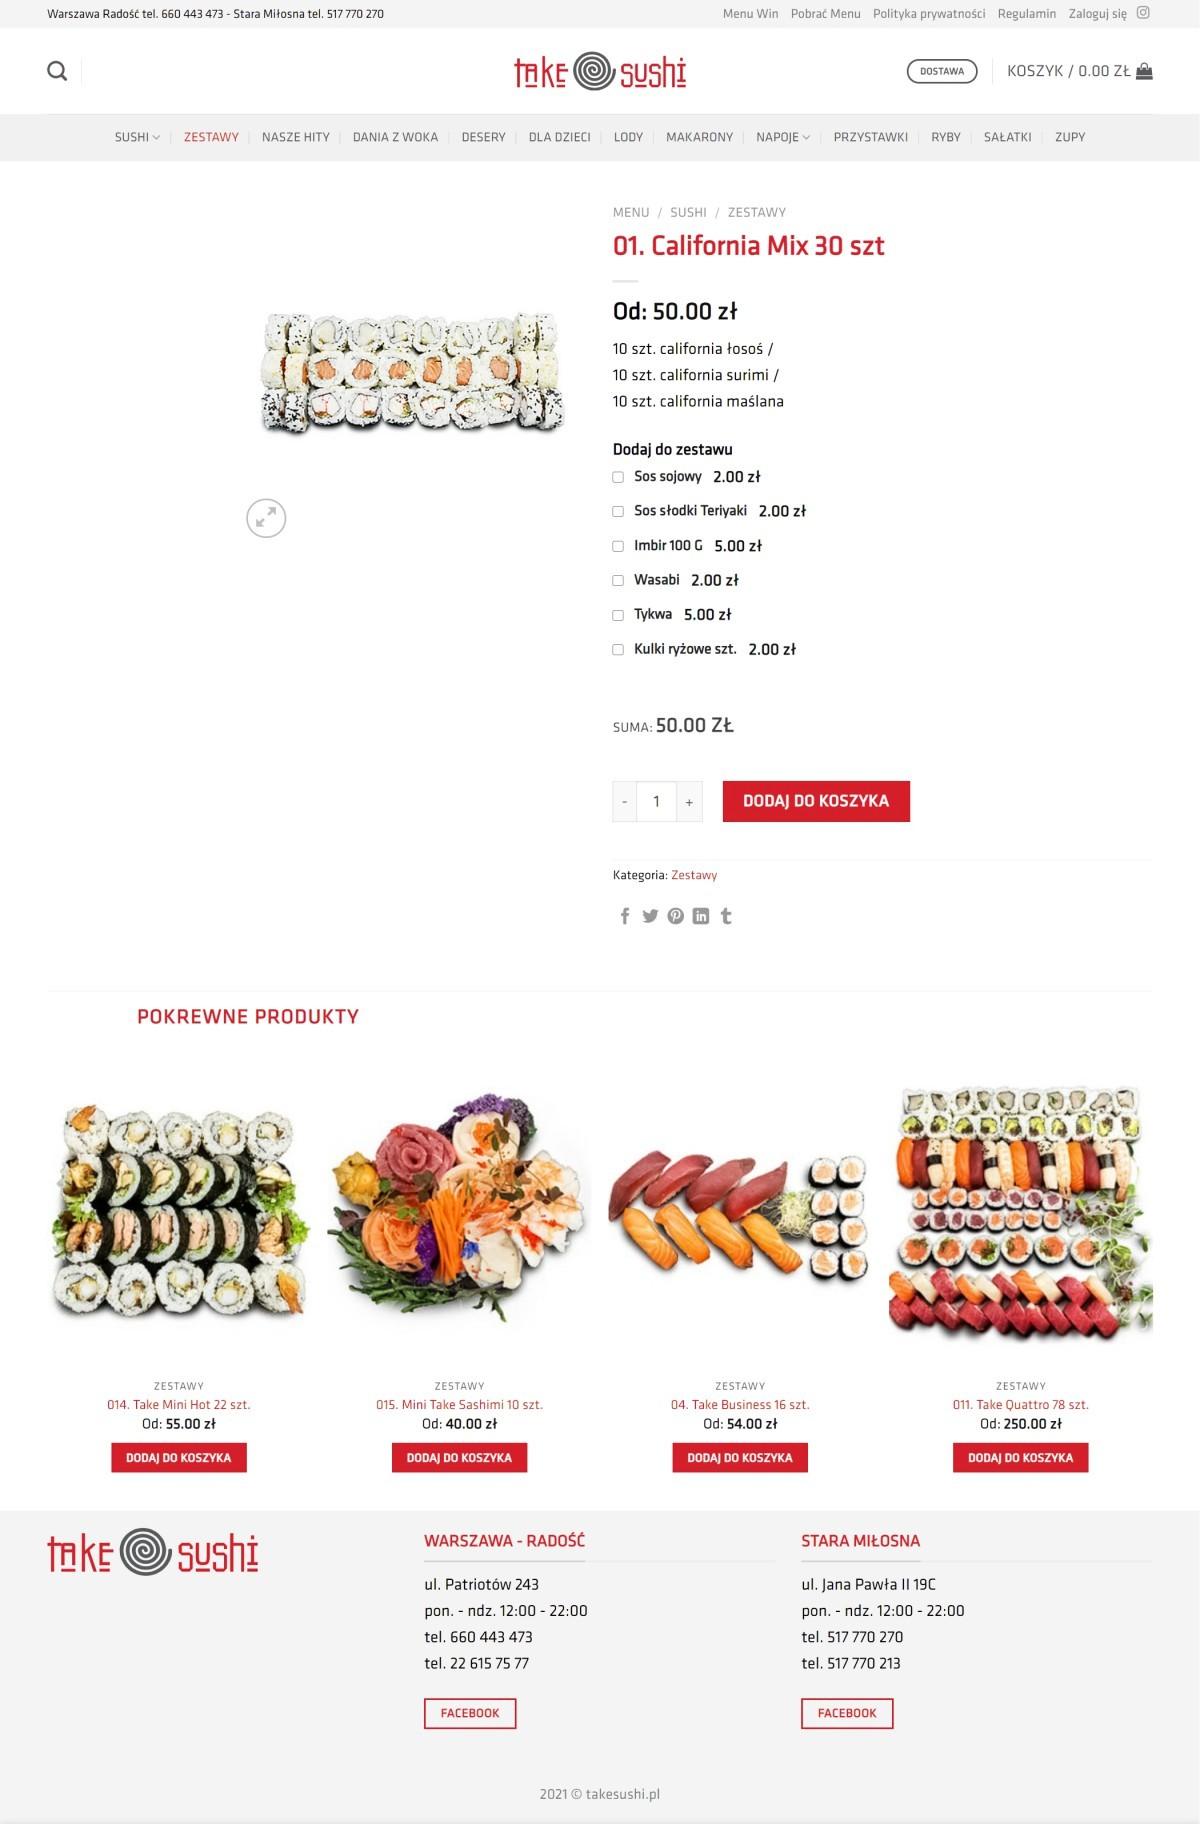 Tworzenie Sklepu Internetowego. Sprzedaż Jedzenia. Restauracja Sushi